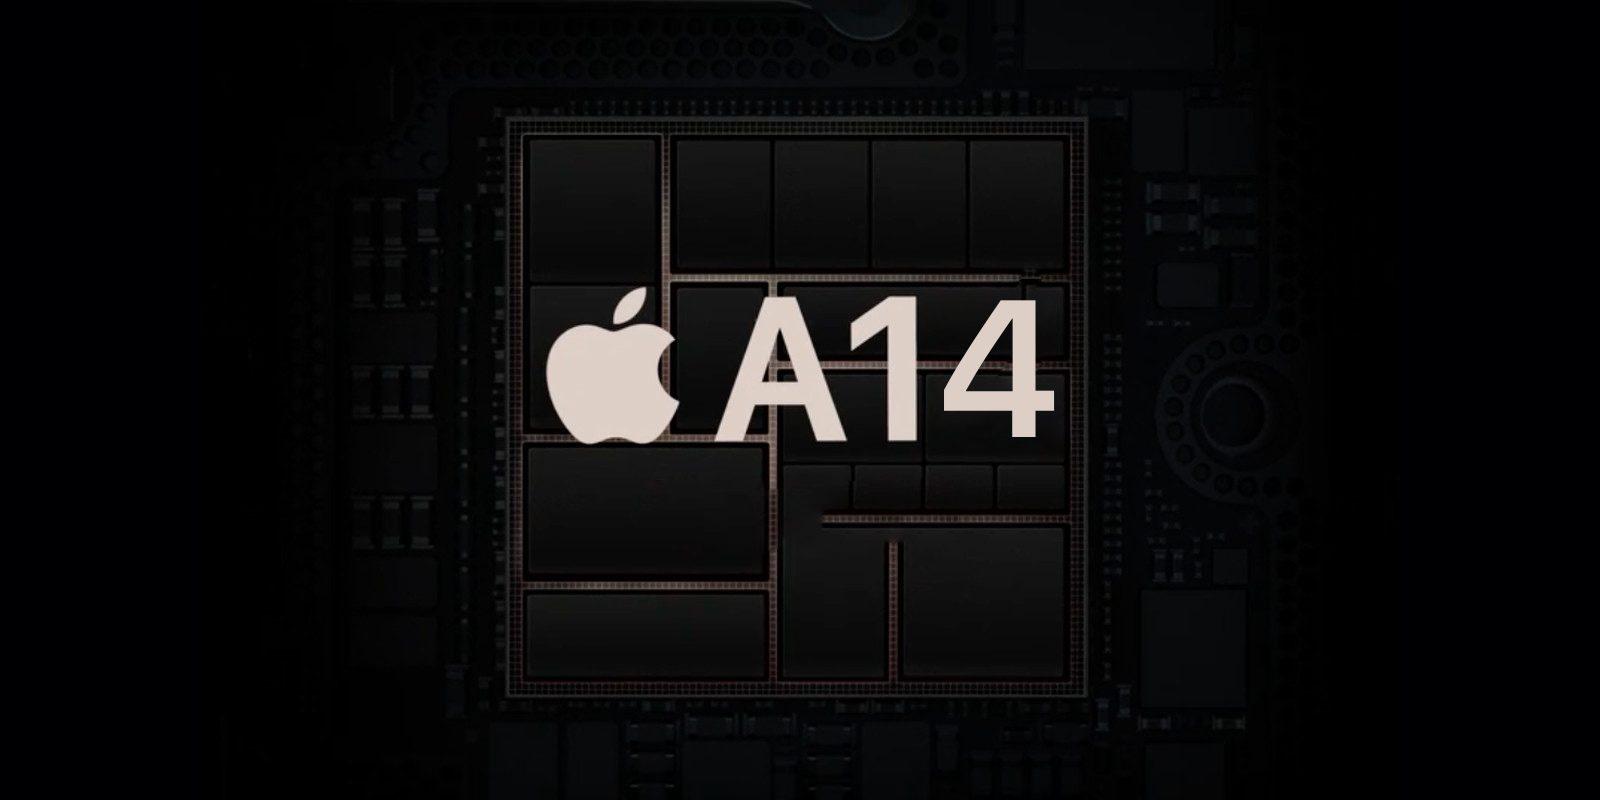 TSMC bắt đầu sản xuất chip A14 cho thế hệ iPhone mới ra mắt vào tháng 4